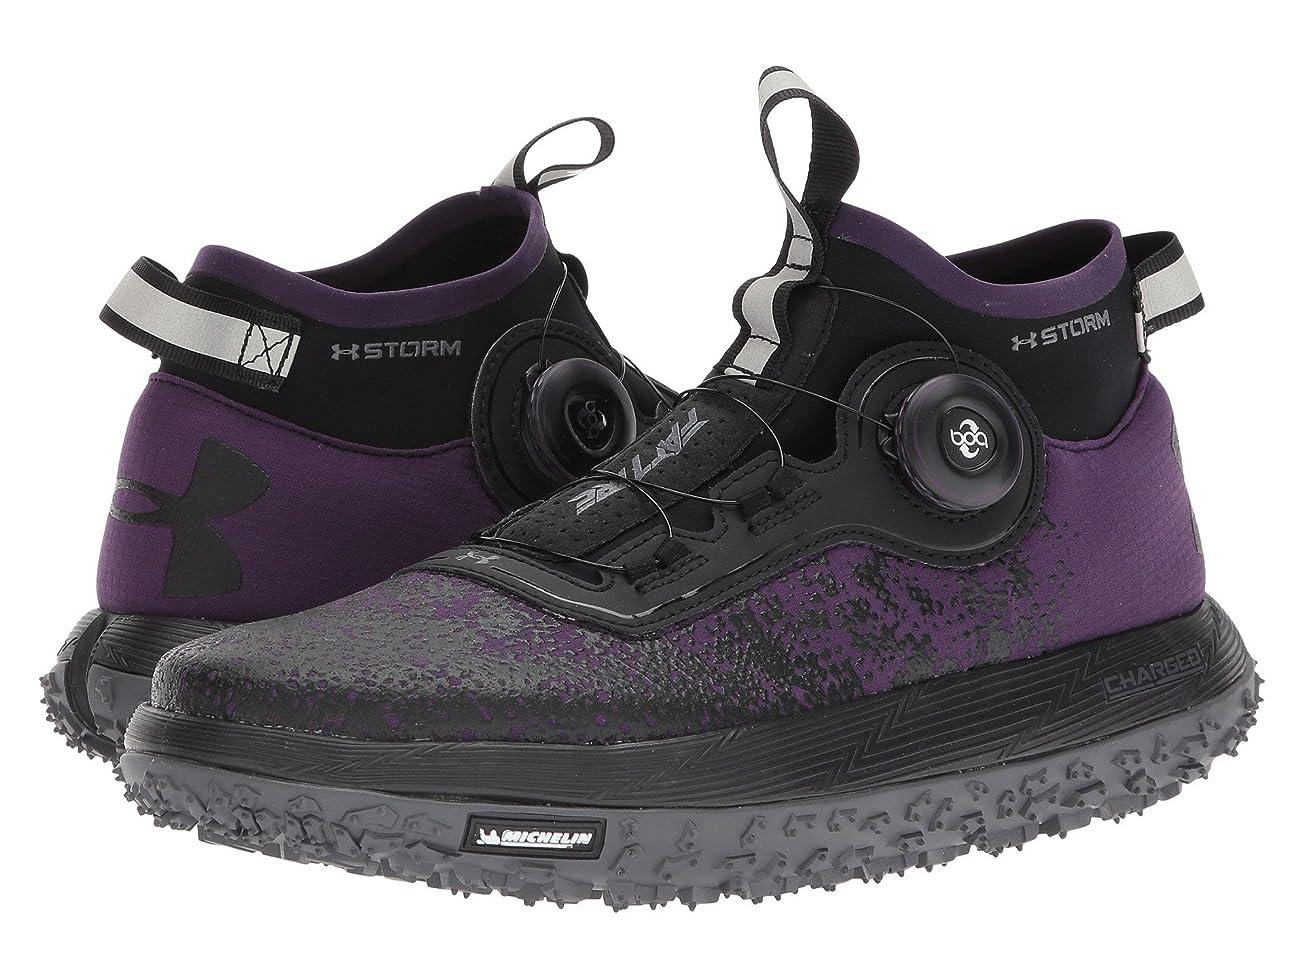 ドラマ戻す枢機卿(アンダーアーマー) UNDER ARMOUR レディースランニングシューズ?スニーカー?靴 UA Fat Tire 2 Premier Purple/Rhino Gray/Black 10.5 (27.5cm) B - Medium